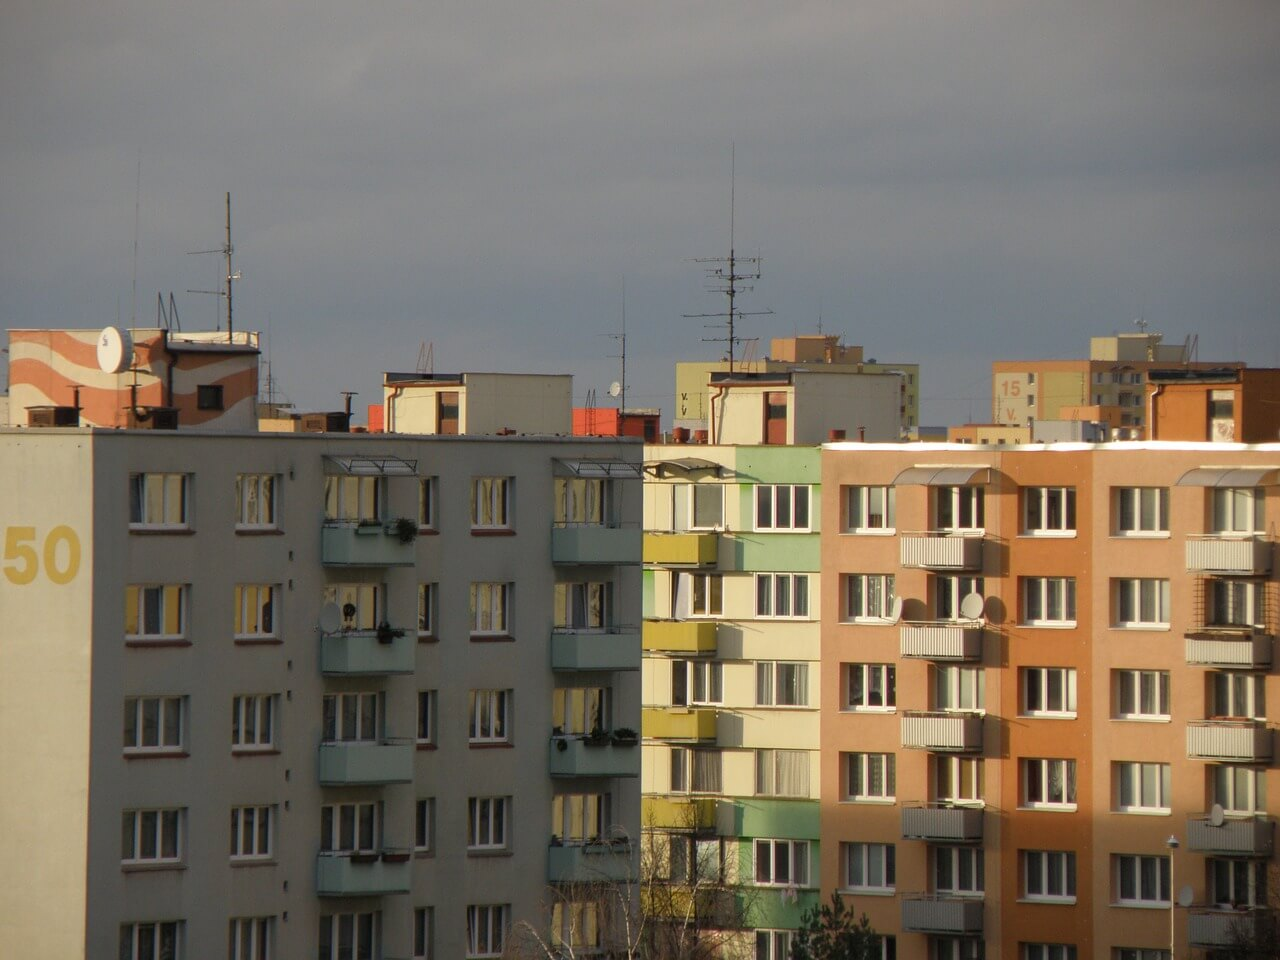 Sídlisko s panelovými bytmi